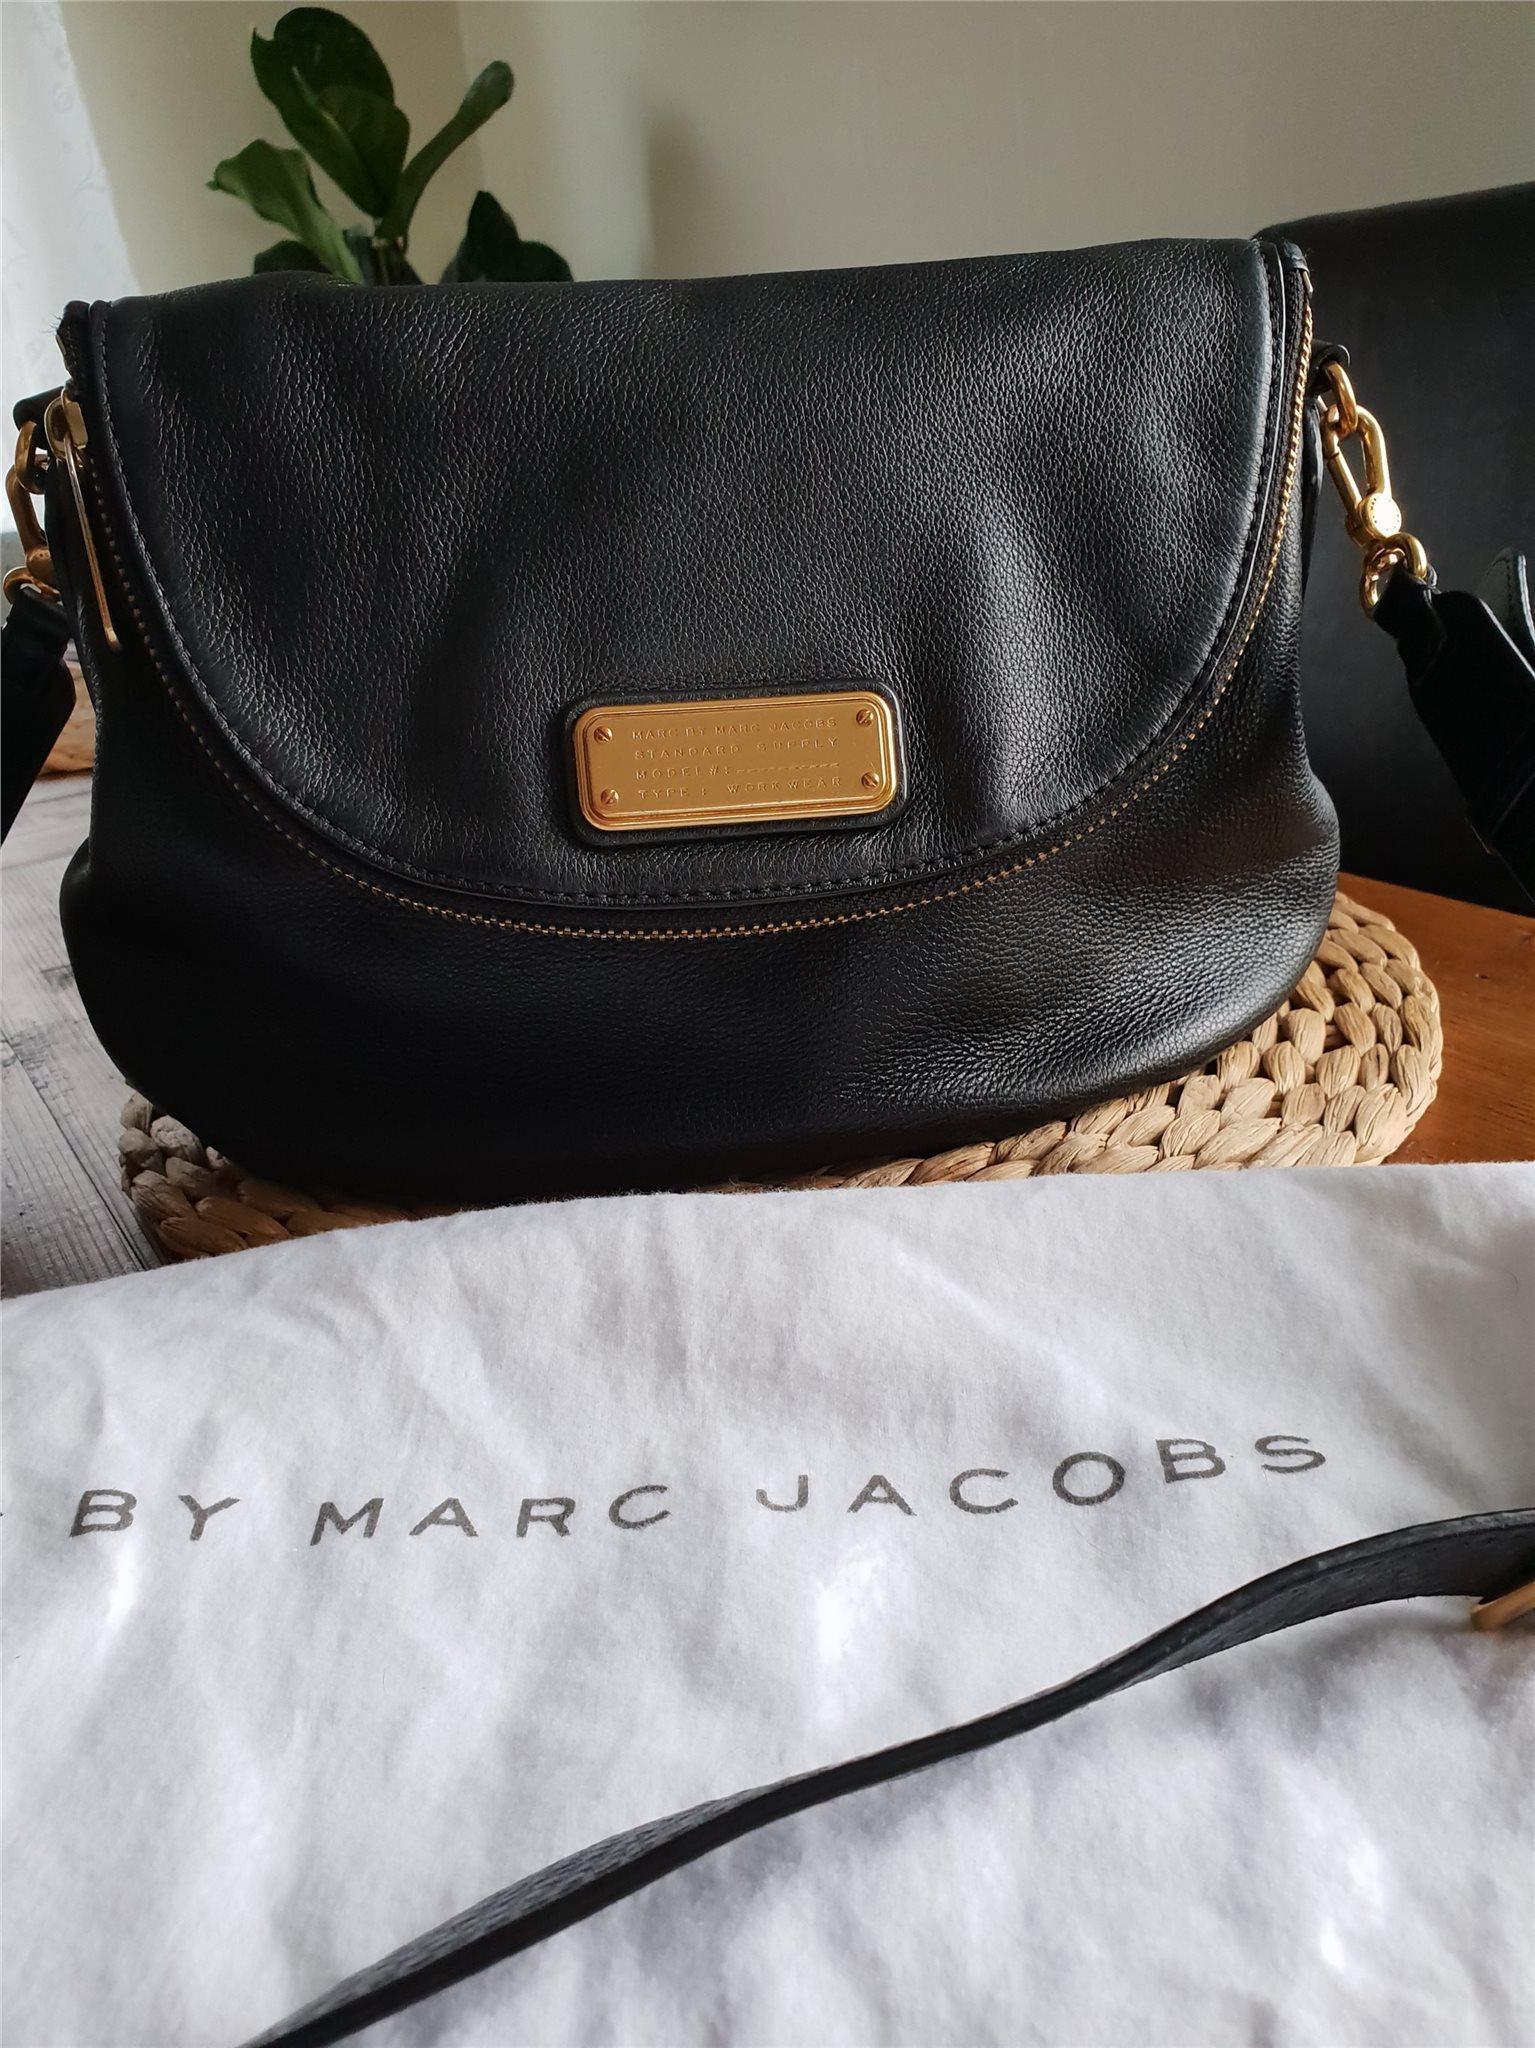 marc jacobs klassisk väska